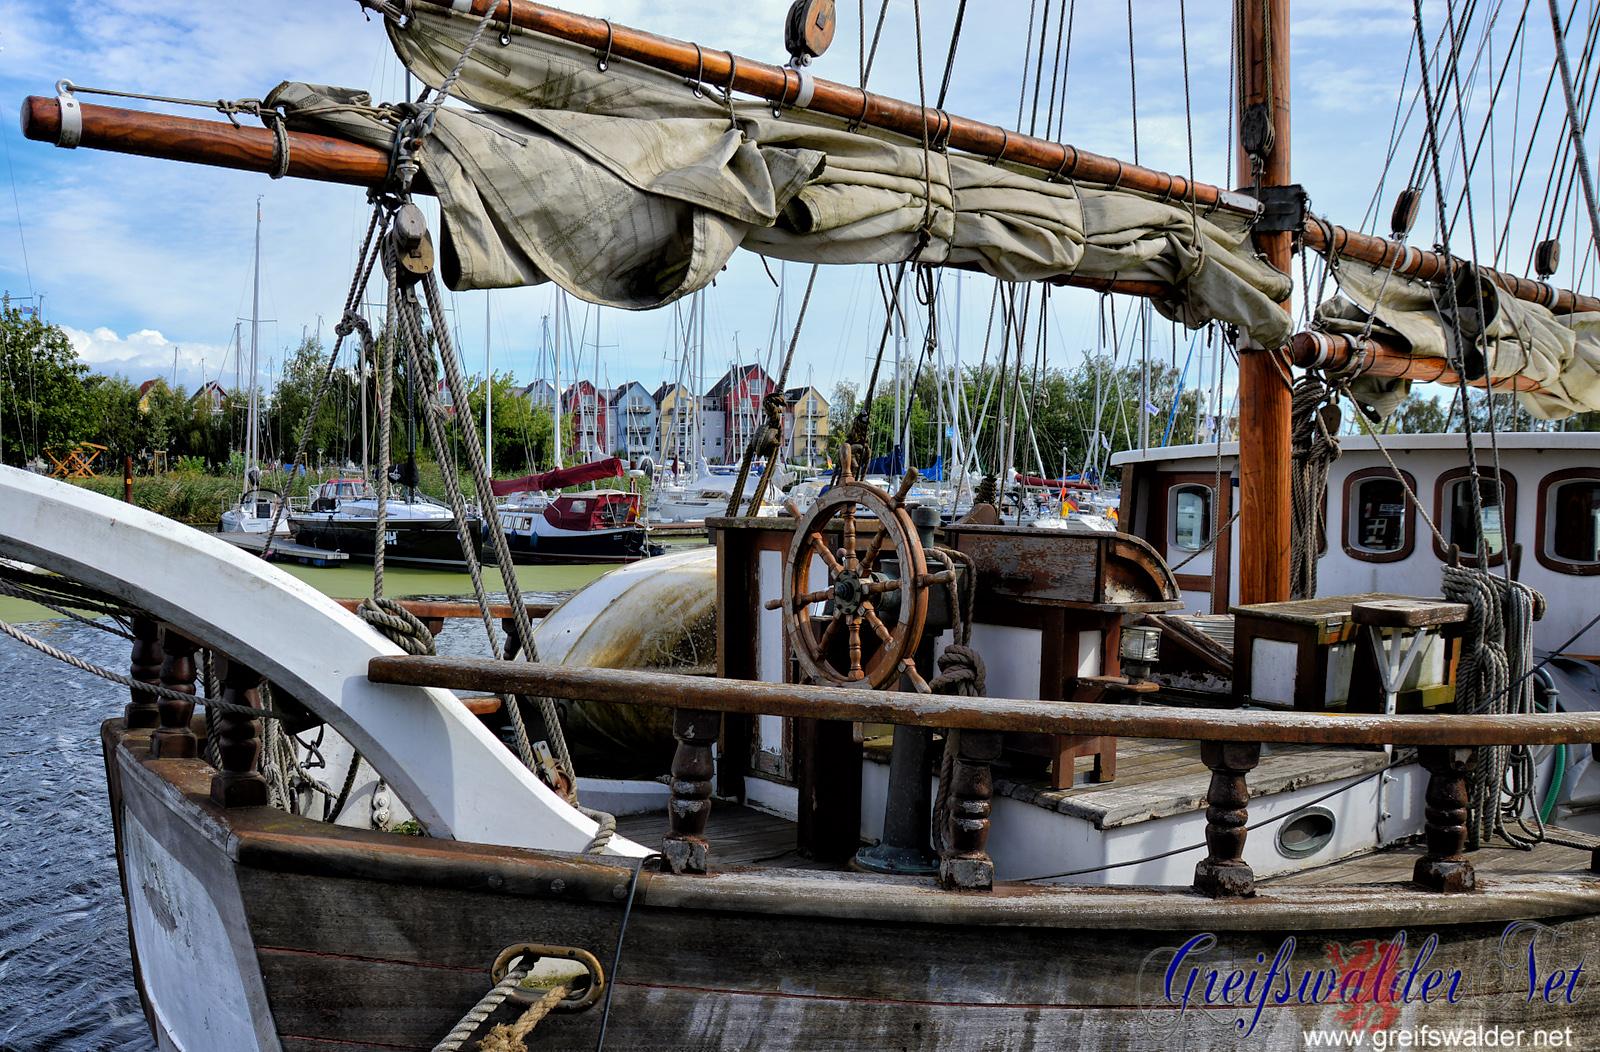 Altes Segelschiff am Yachthafen in Greifswald